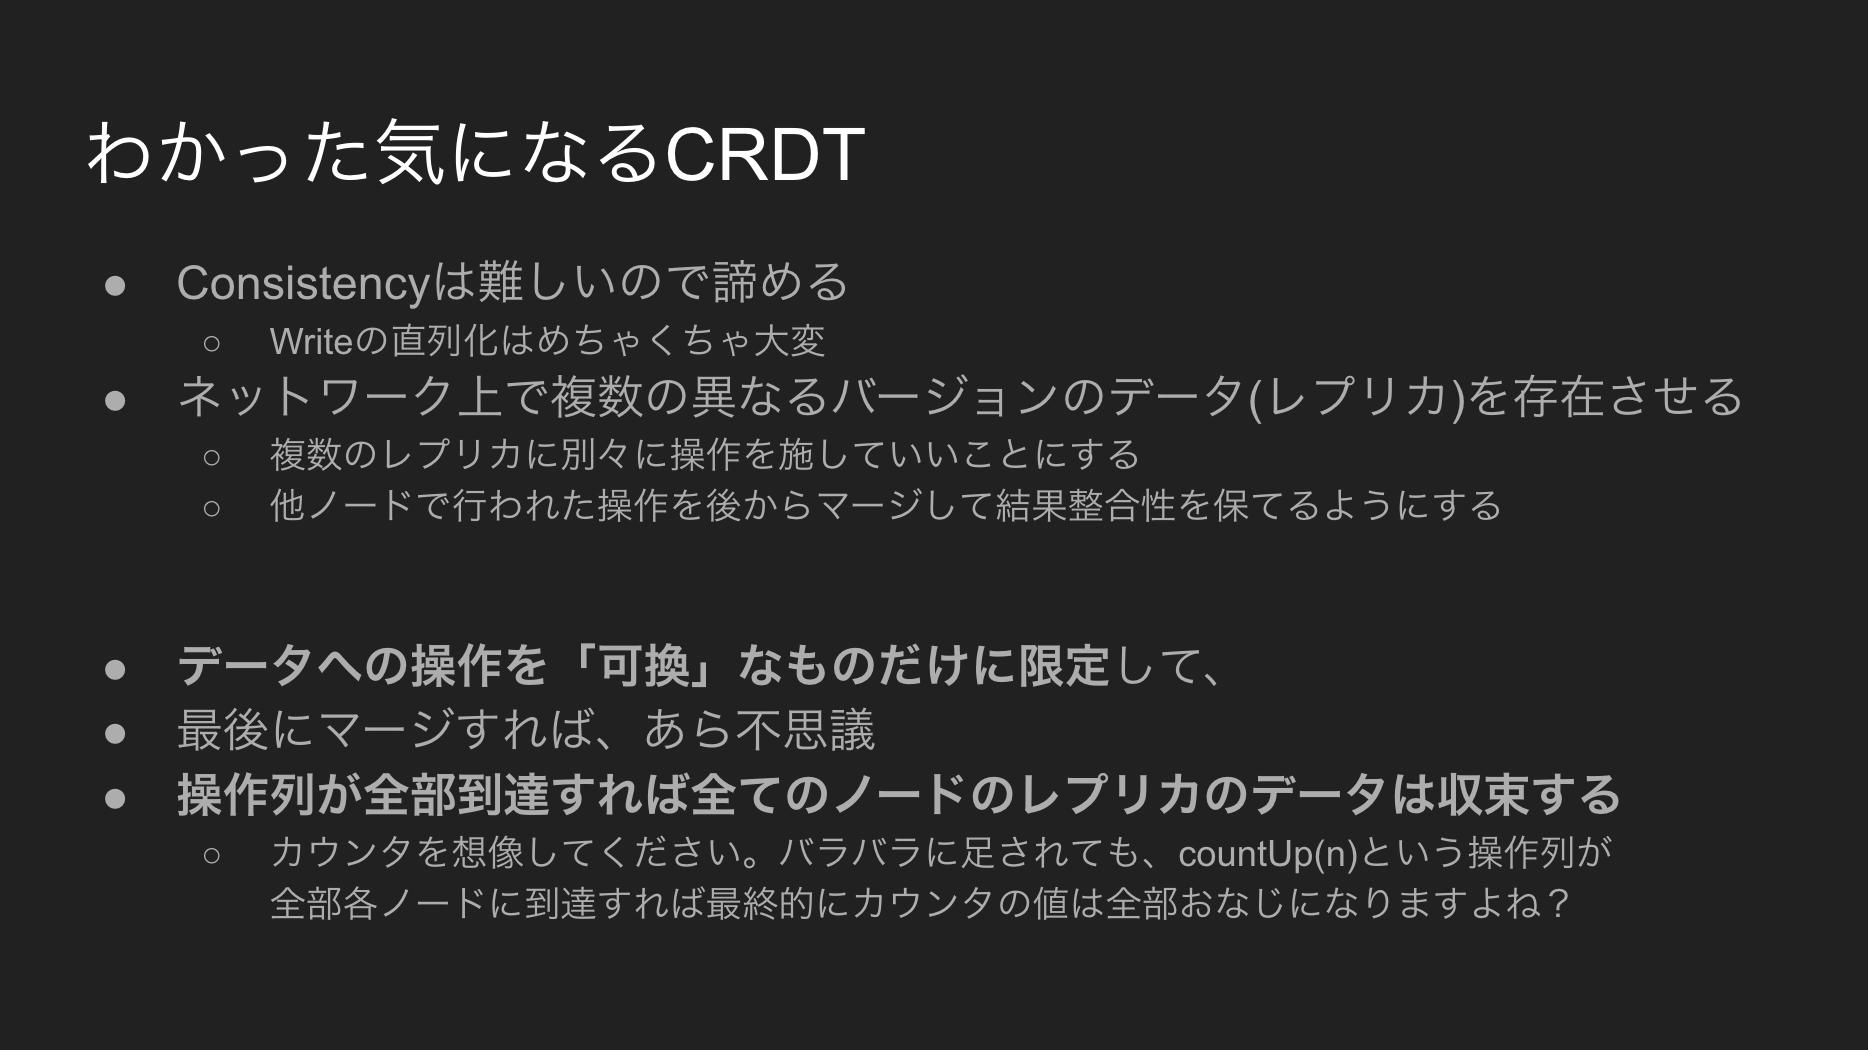 スクリーンショット 2016-03-08 18.56.52.png